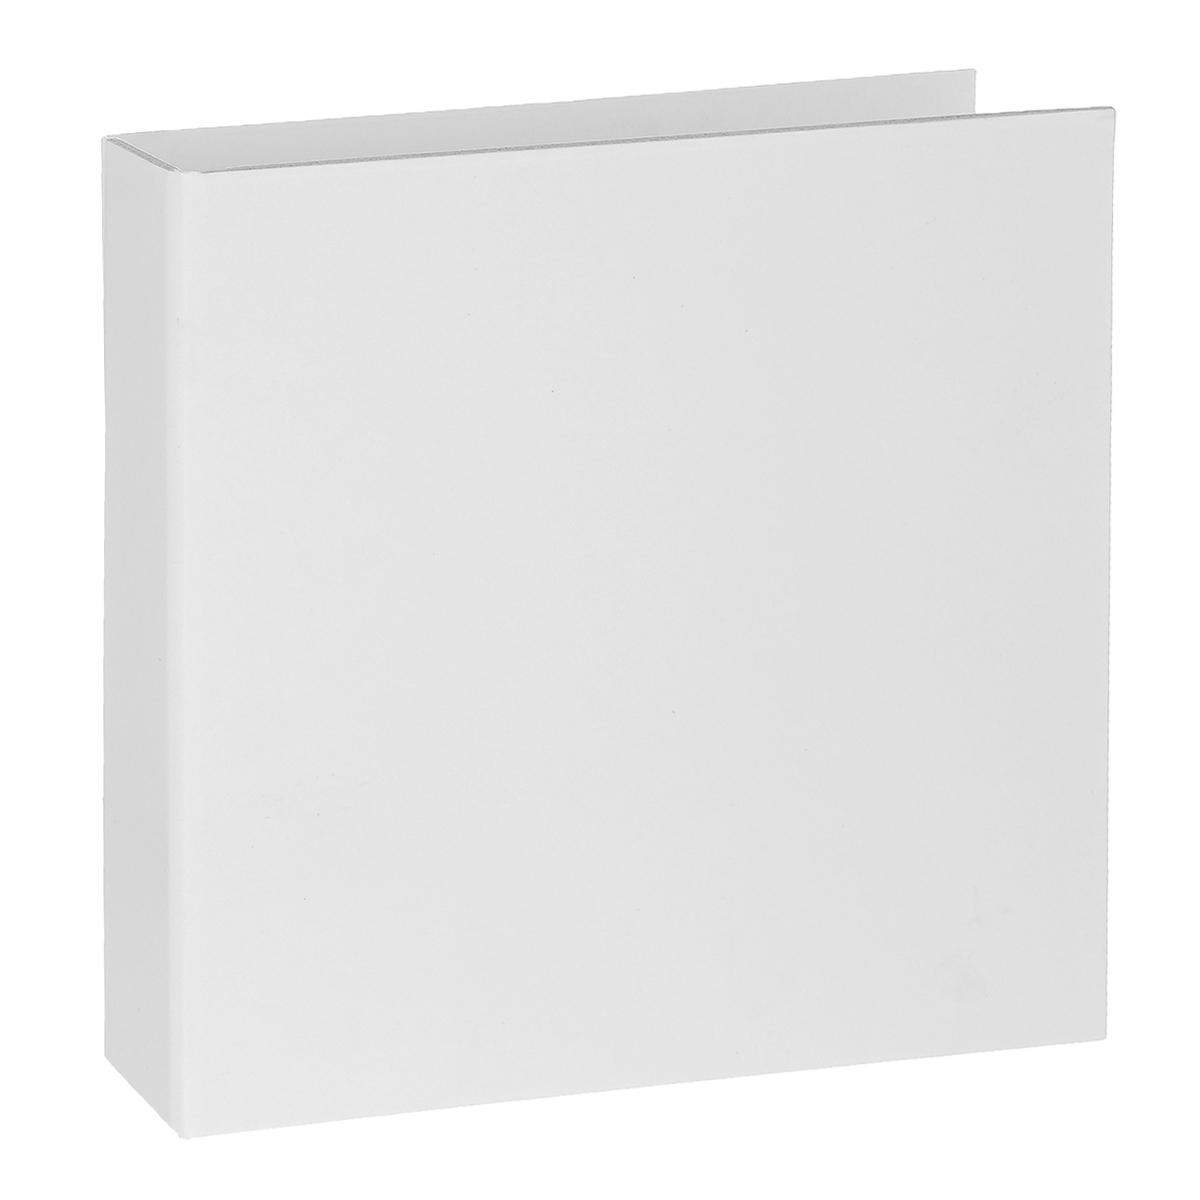 Обложка для скрап-альбома Zutter, цвет: белый, 15 см х 15 смZUT2842Обложка Zutter, с плоским корешком, изготовлена из плотного картона (чипборда) толщиной 2 мм, и предназначена для скрапбукинга. Отличие чипборда в том, что он ломается при сгибании, а не гнется. На одной из сторон обложки есть кармашек, за который можно закрепить заготовку. Задекорируйте обложку на свой вкус и она готова. Скрапбукинг - это хобби, которое способно приносить массу приятных эмоций не только человеку, который этим занимается, но и его близким, друзьям, родным. Это невероятно увлекательное занятие, которое поможет вам сохранить наиболее памятные и яркие моменты вашей жизни, а также интересно оформить интерьер дома. Размер: 15 см х 15 см.